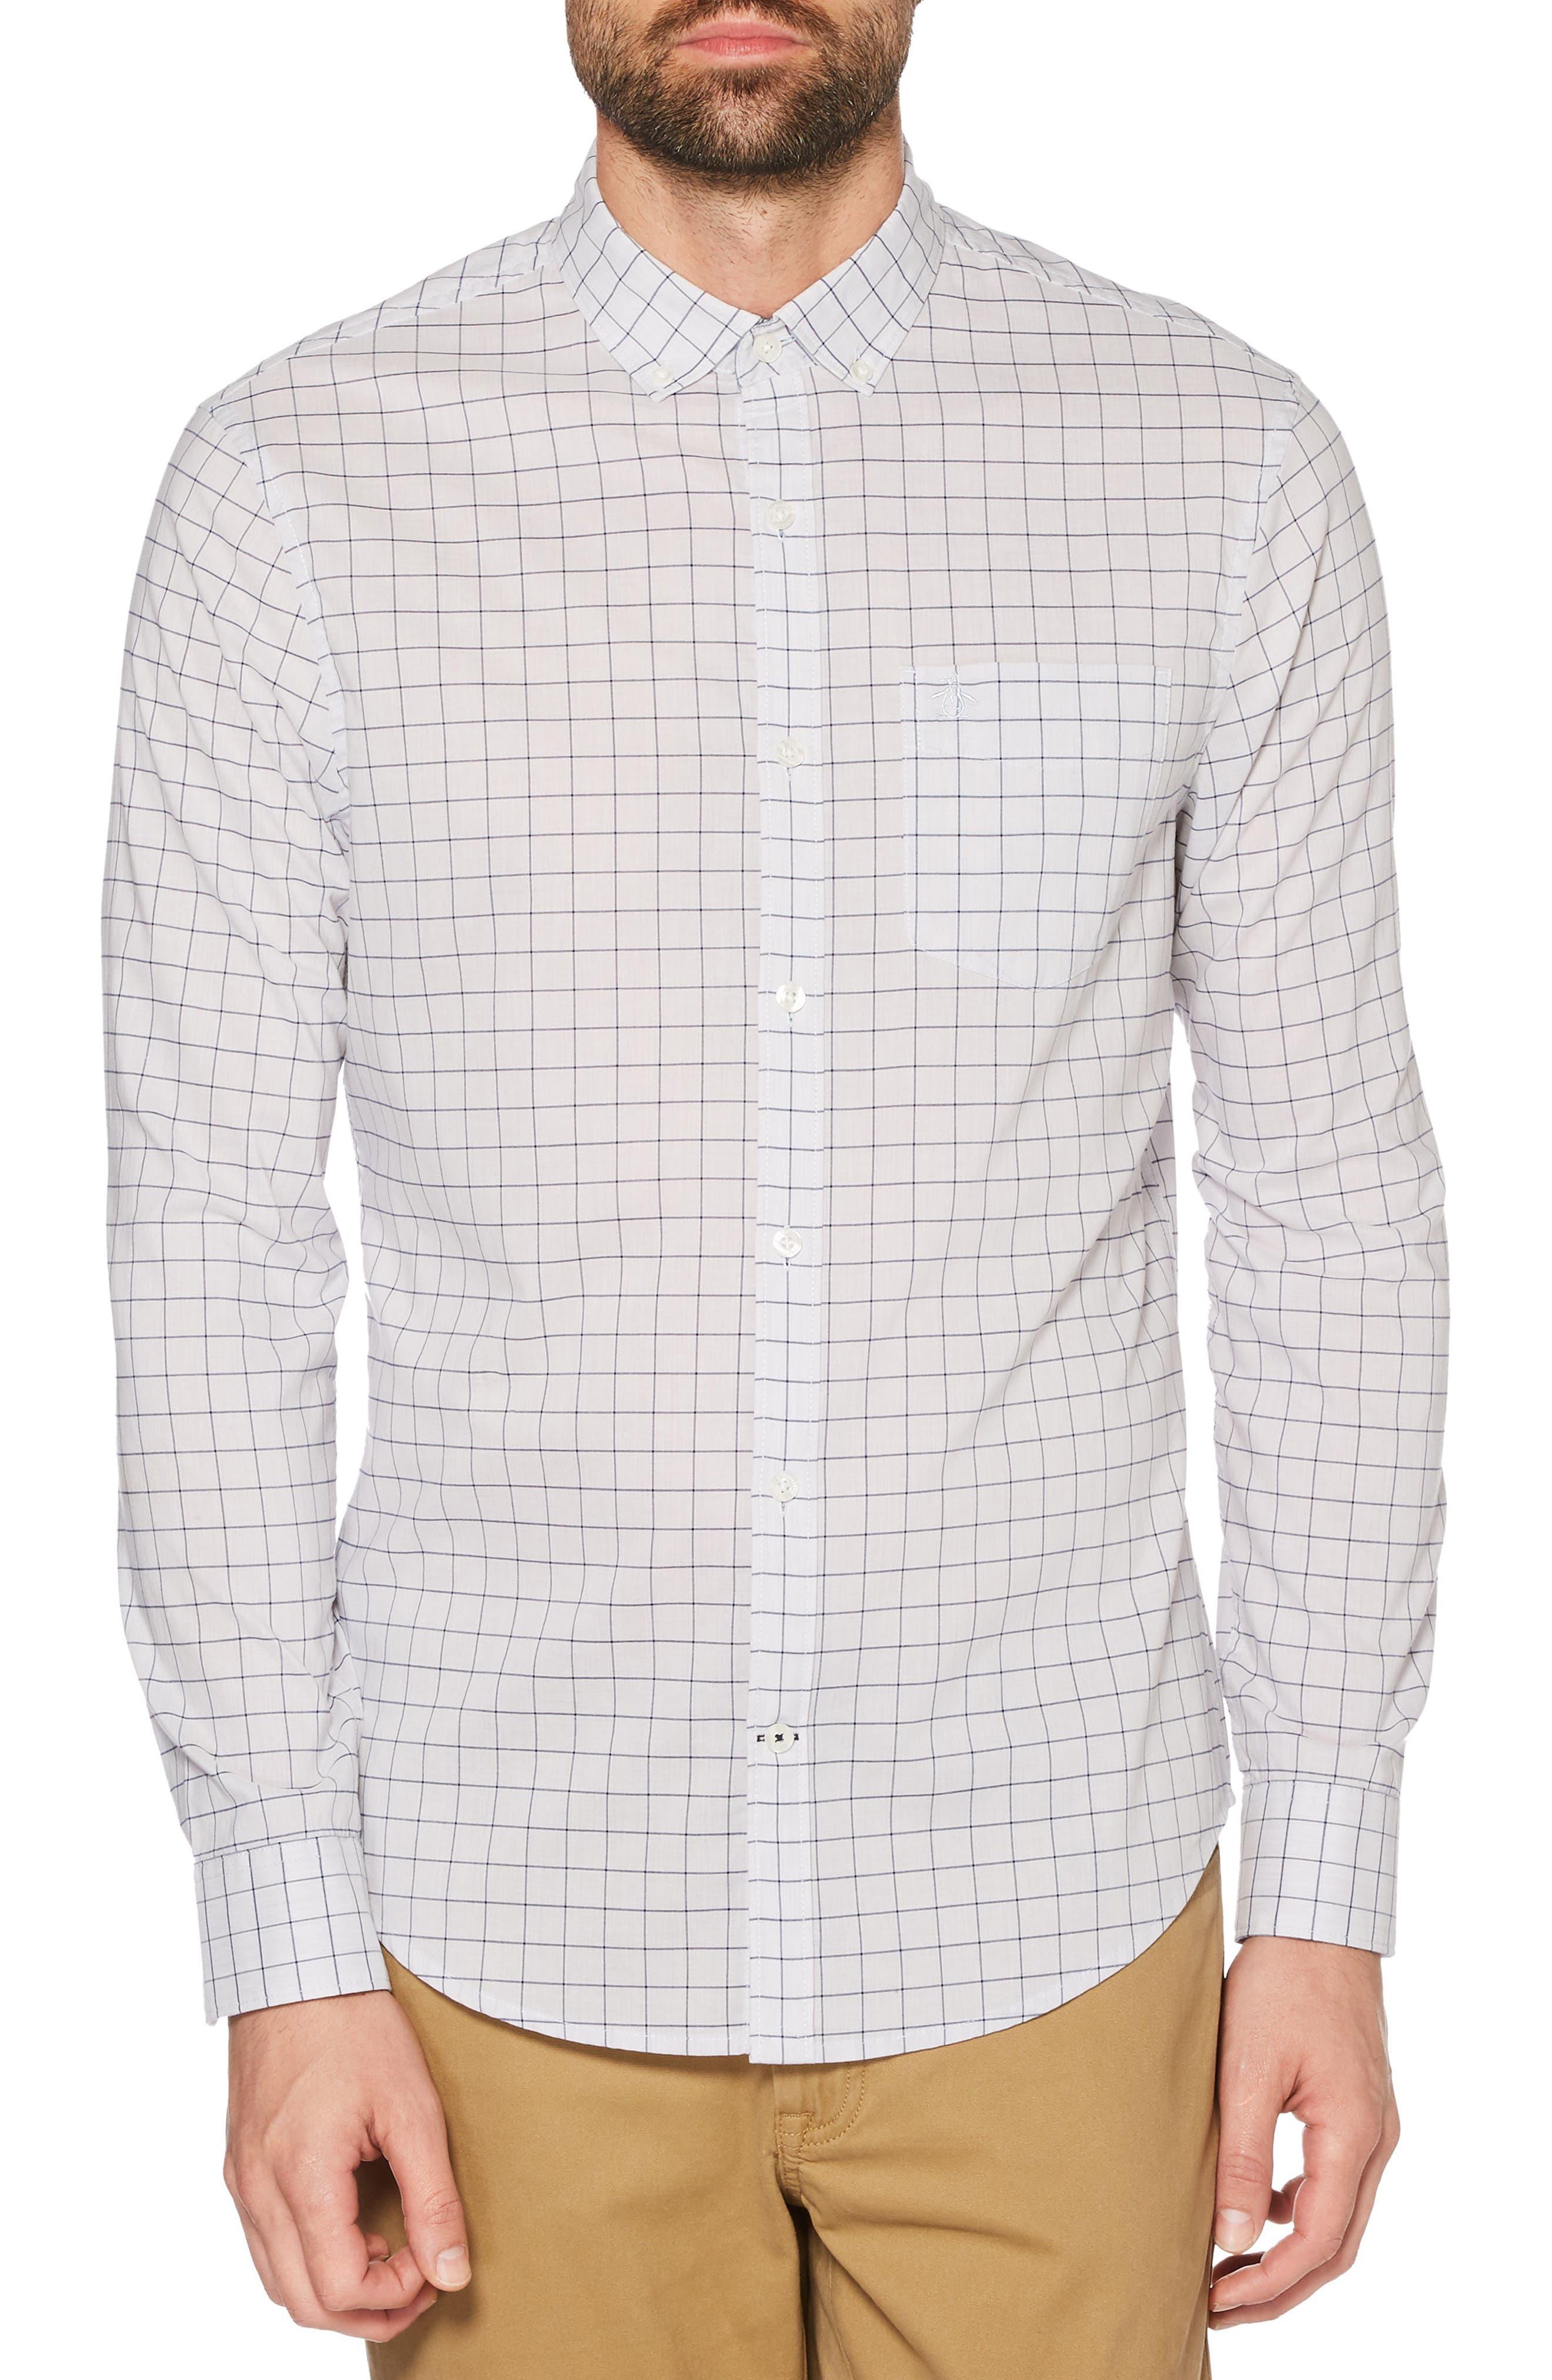 Alternate Image 1 Selected - Original Penguin P55 Slim Fit Shirt